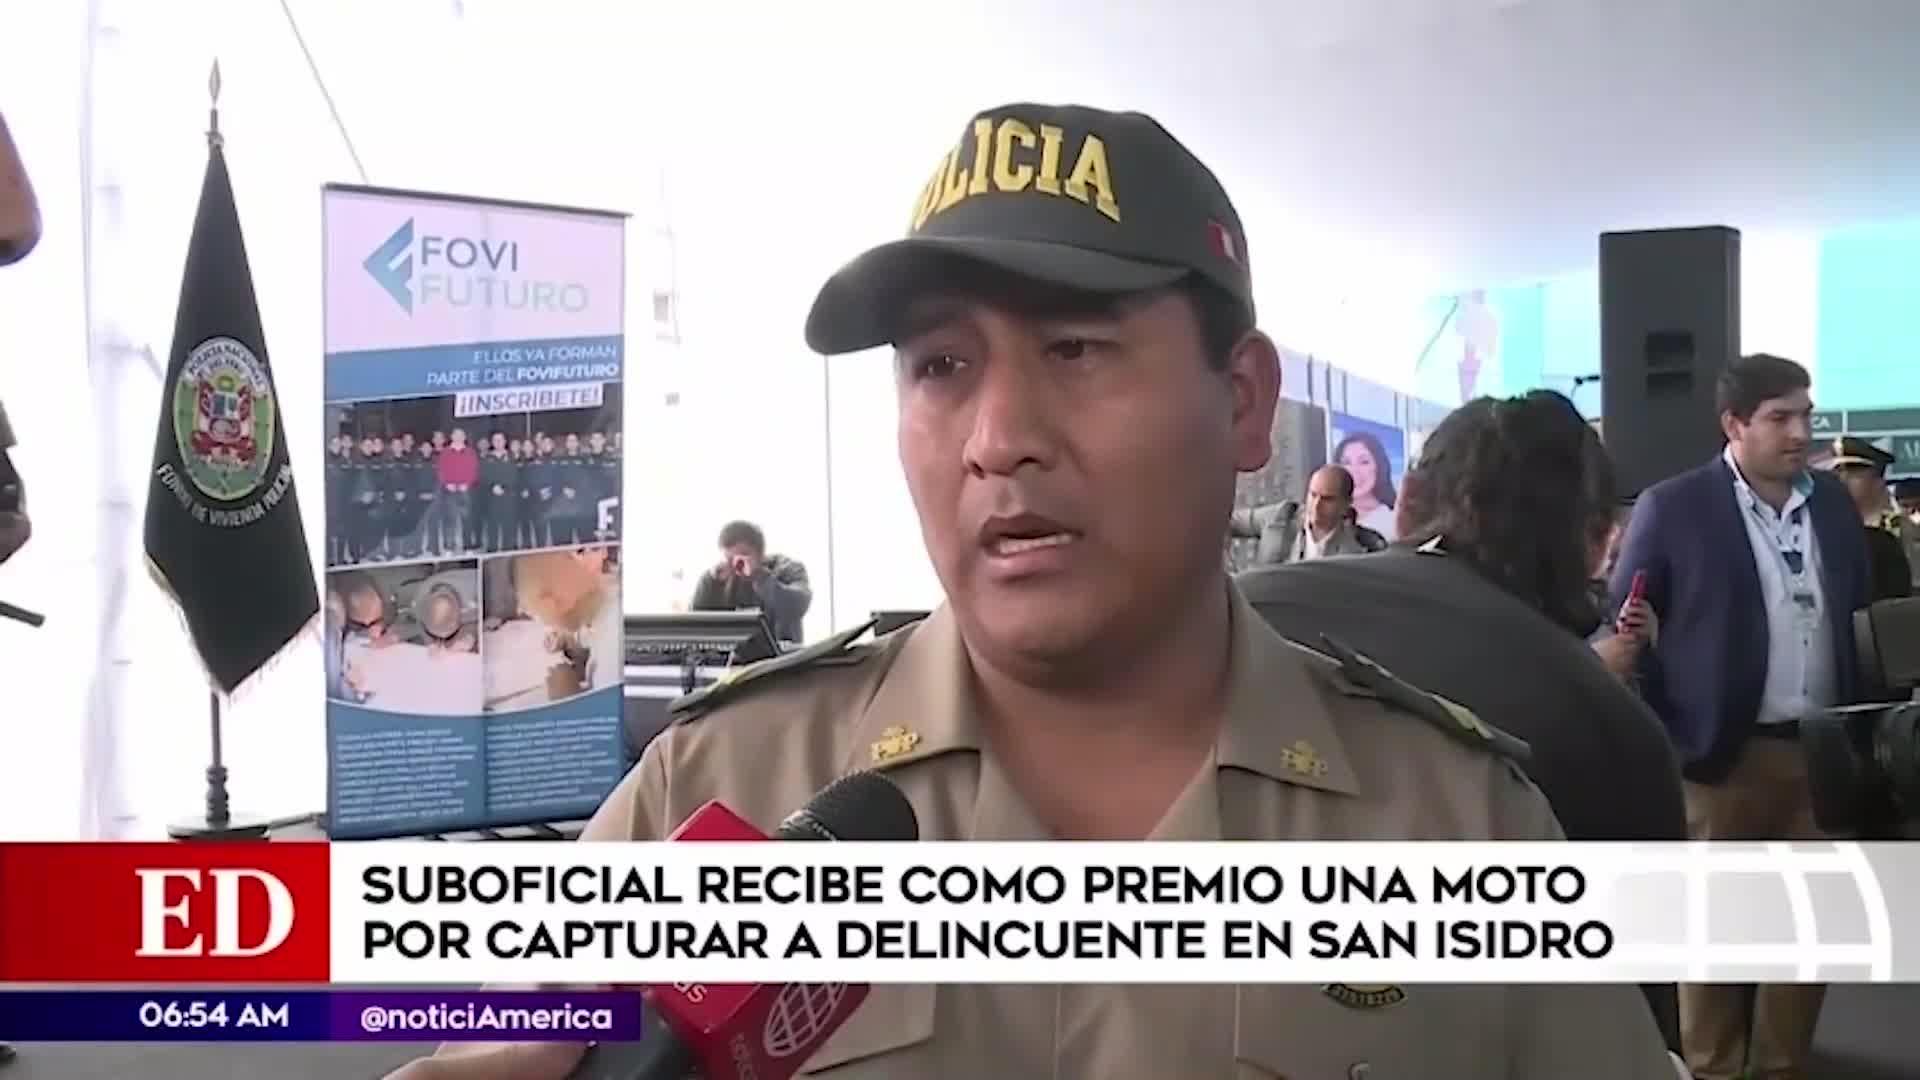 San Isidro: suboficial fue premiado con una moto lineal por capturar a delincuente